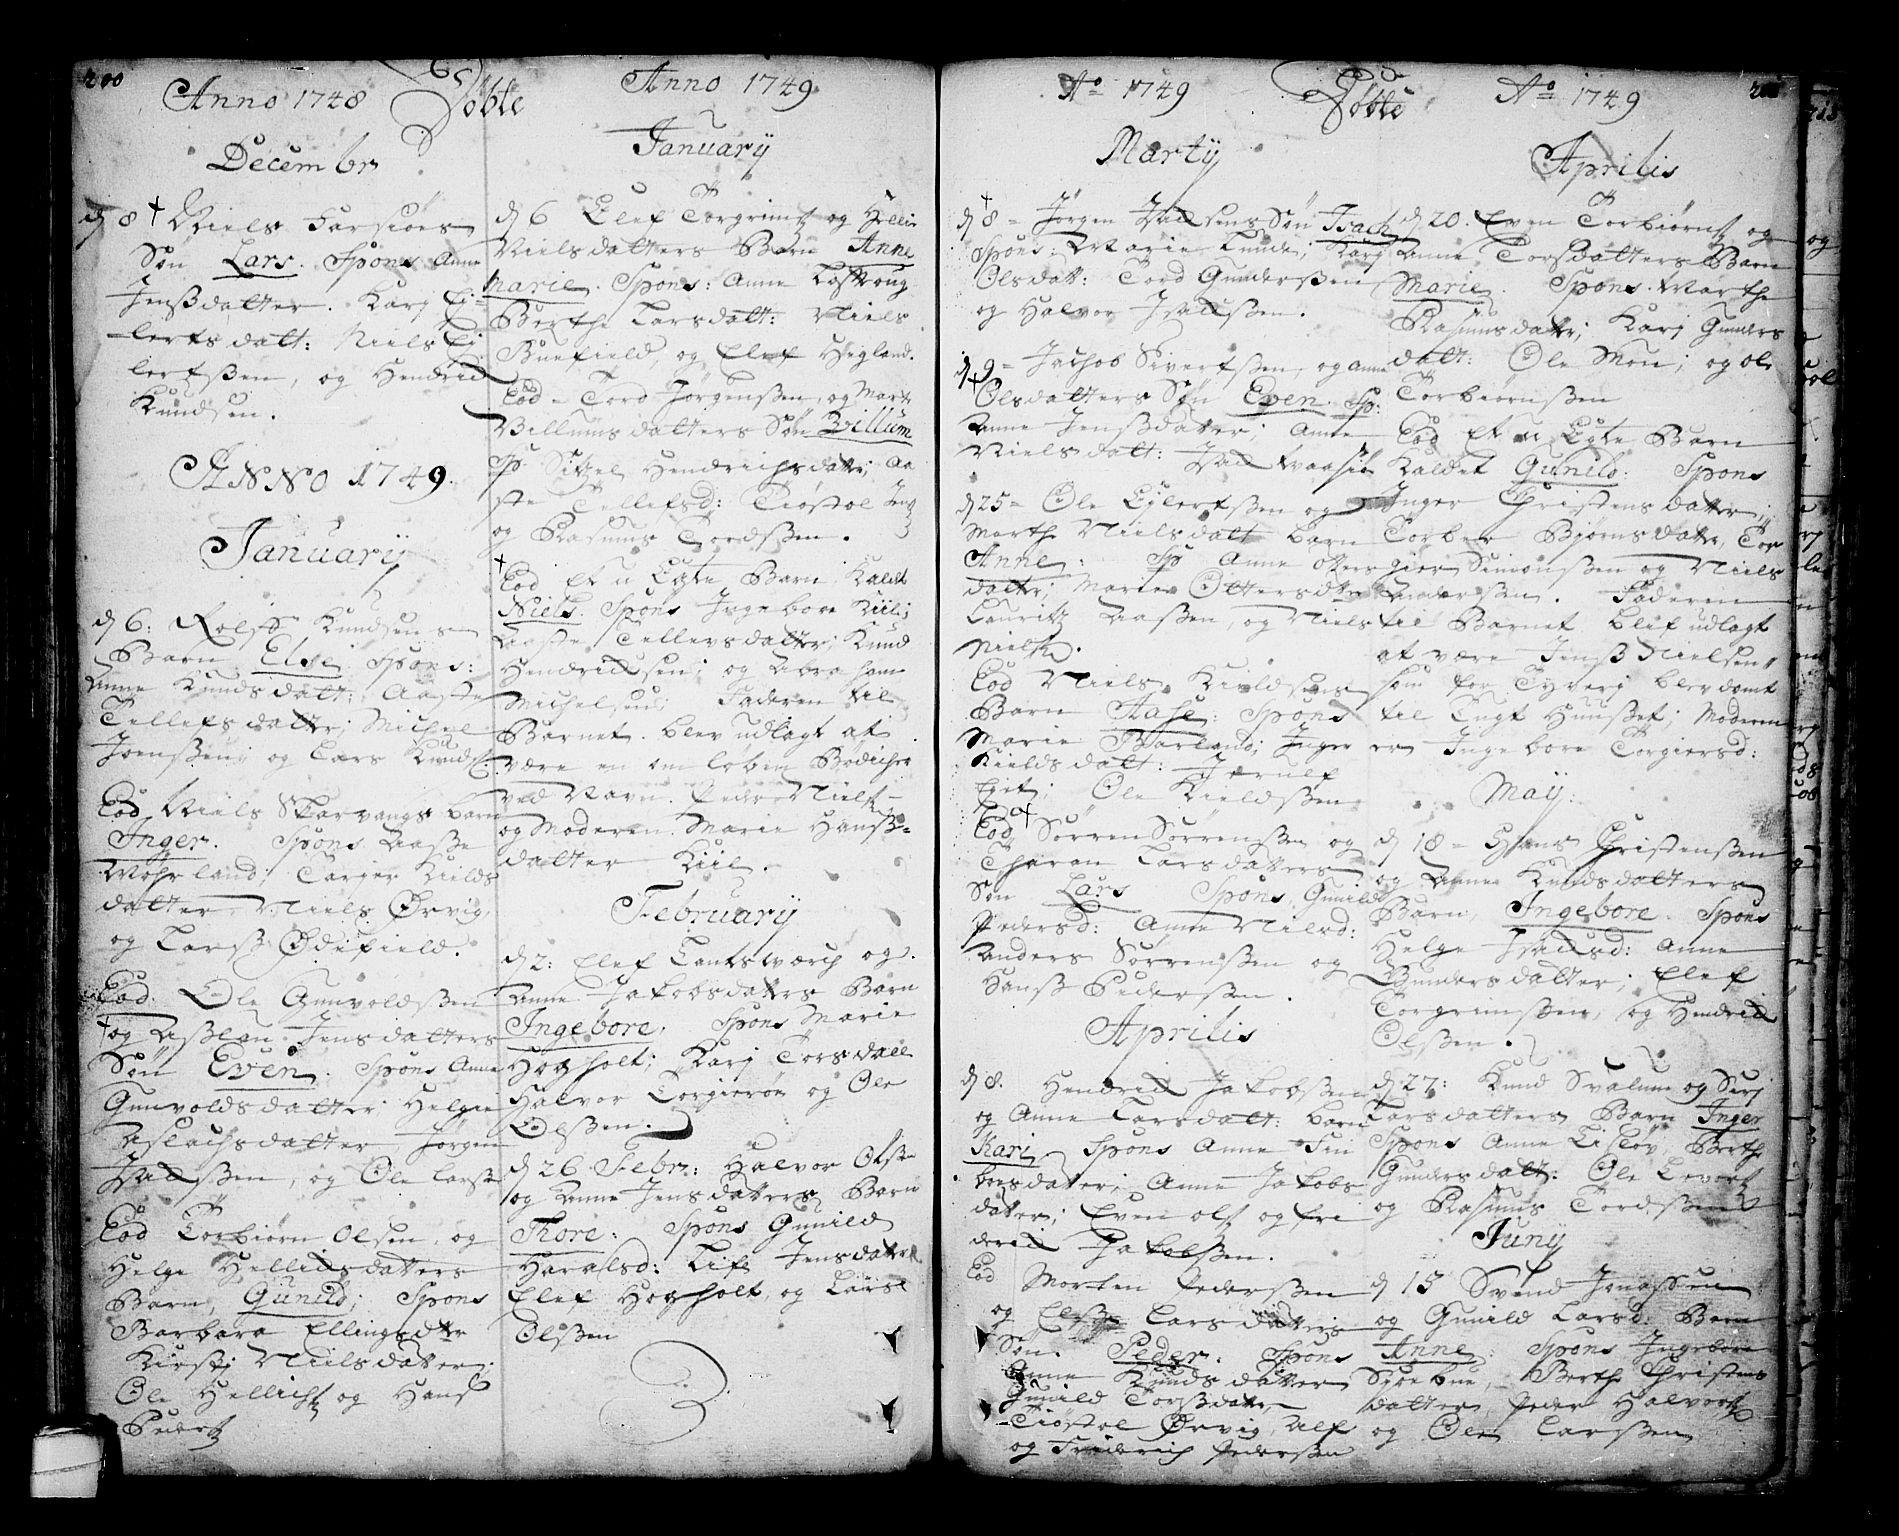 SAKO, Sannidal kirkebøker, F/Fa/L0001: Ministerialbok nr. 1, 1702-1766, s. 200-201